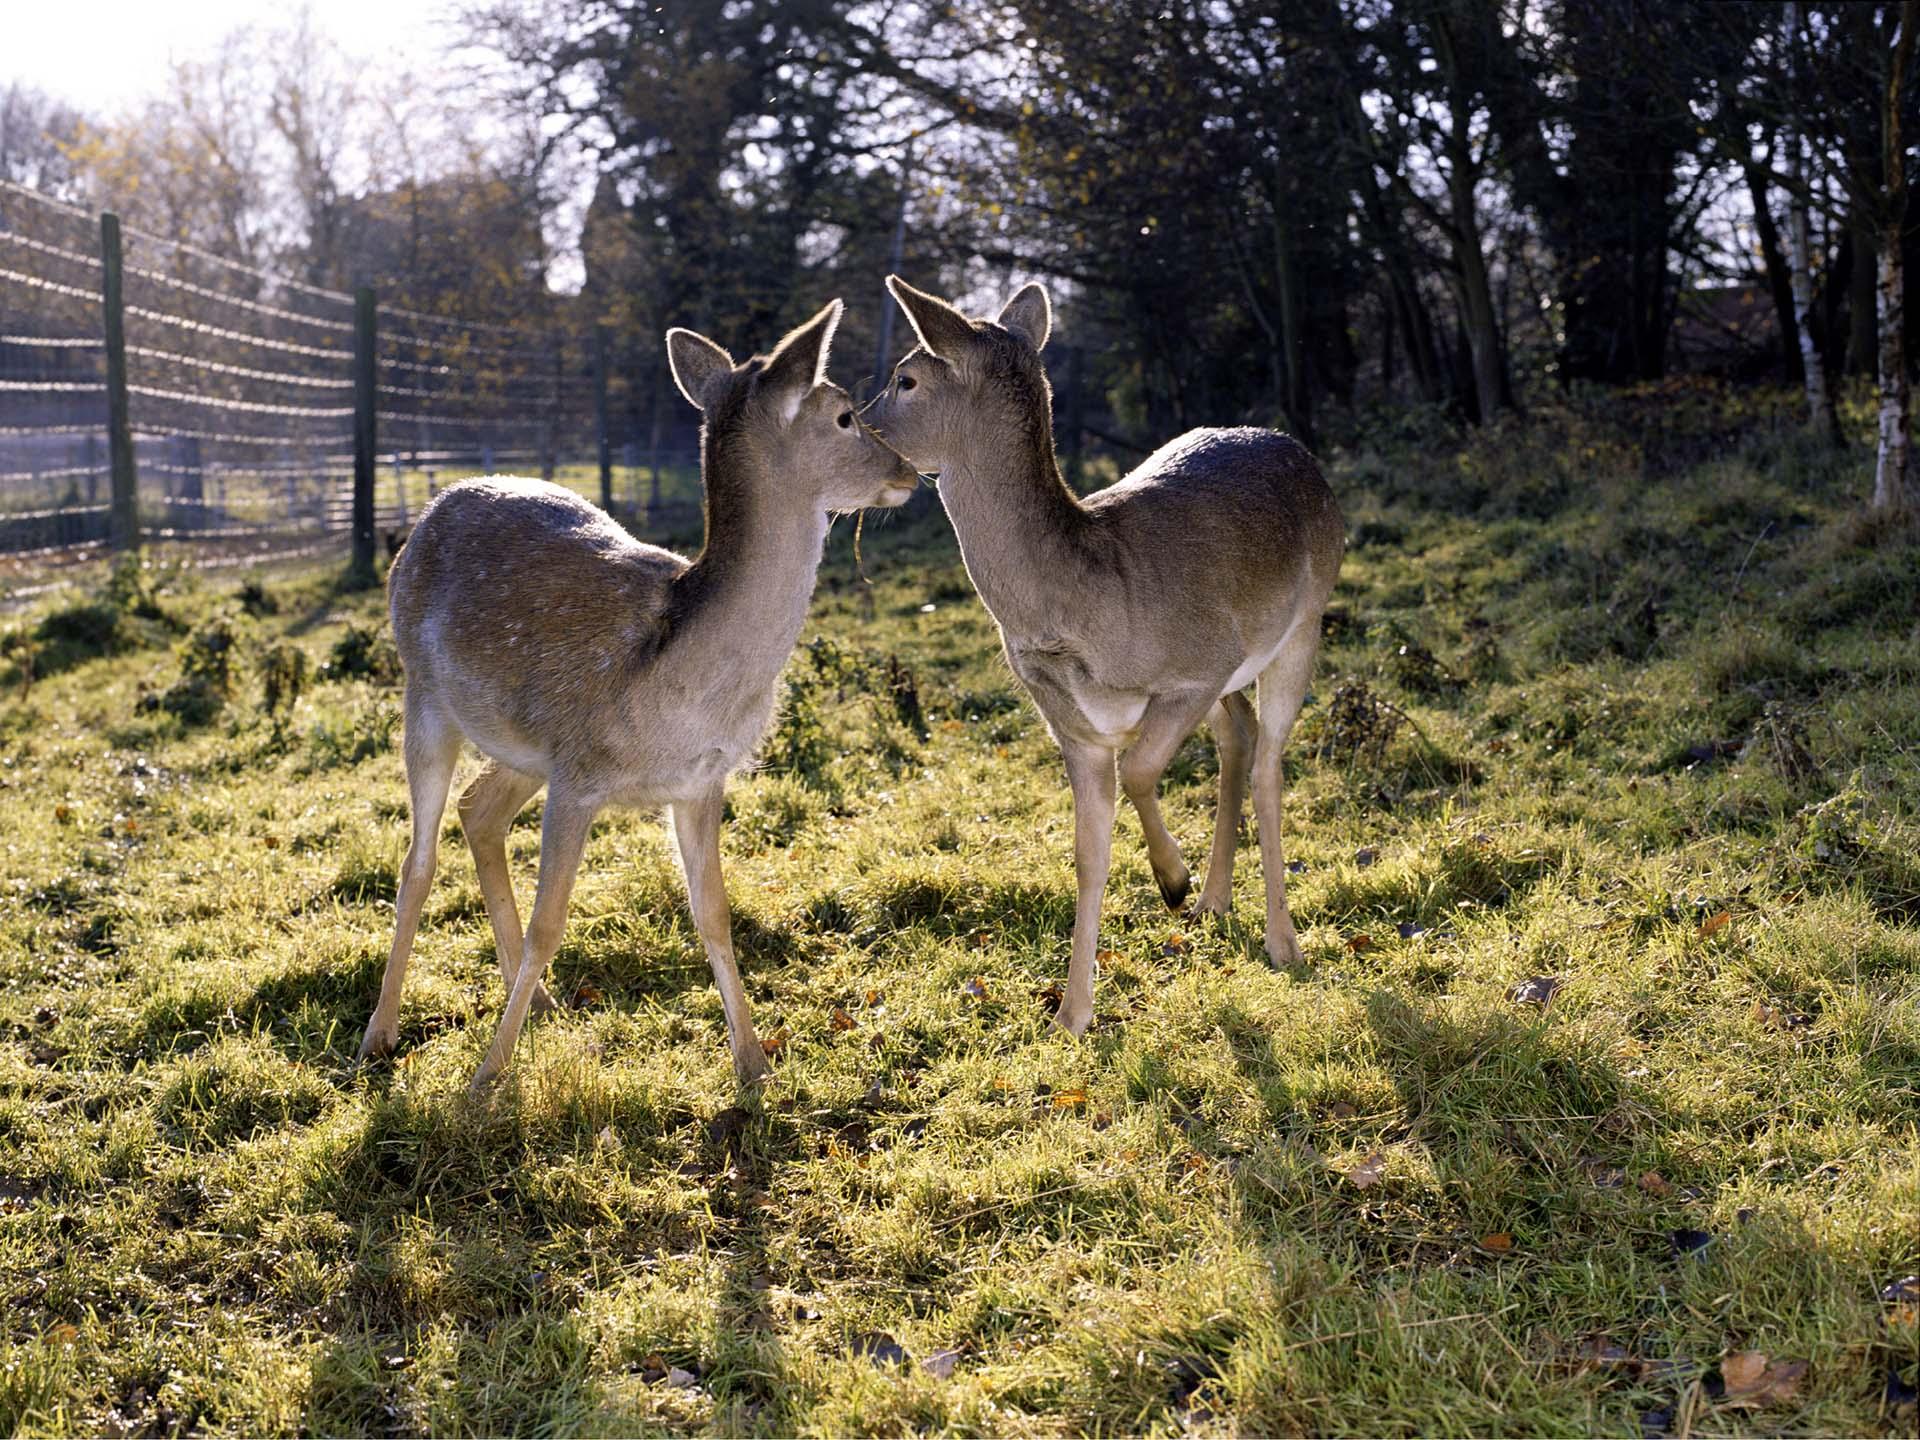 Nadege_Deers